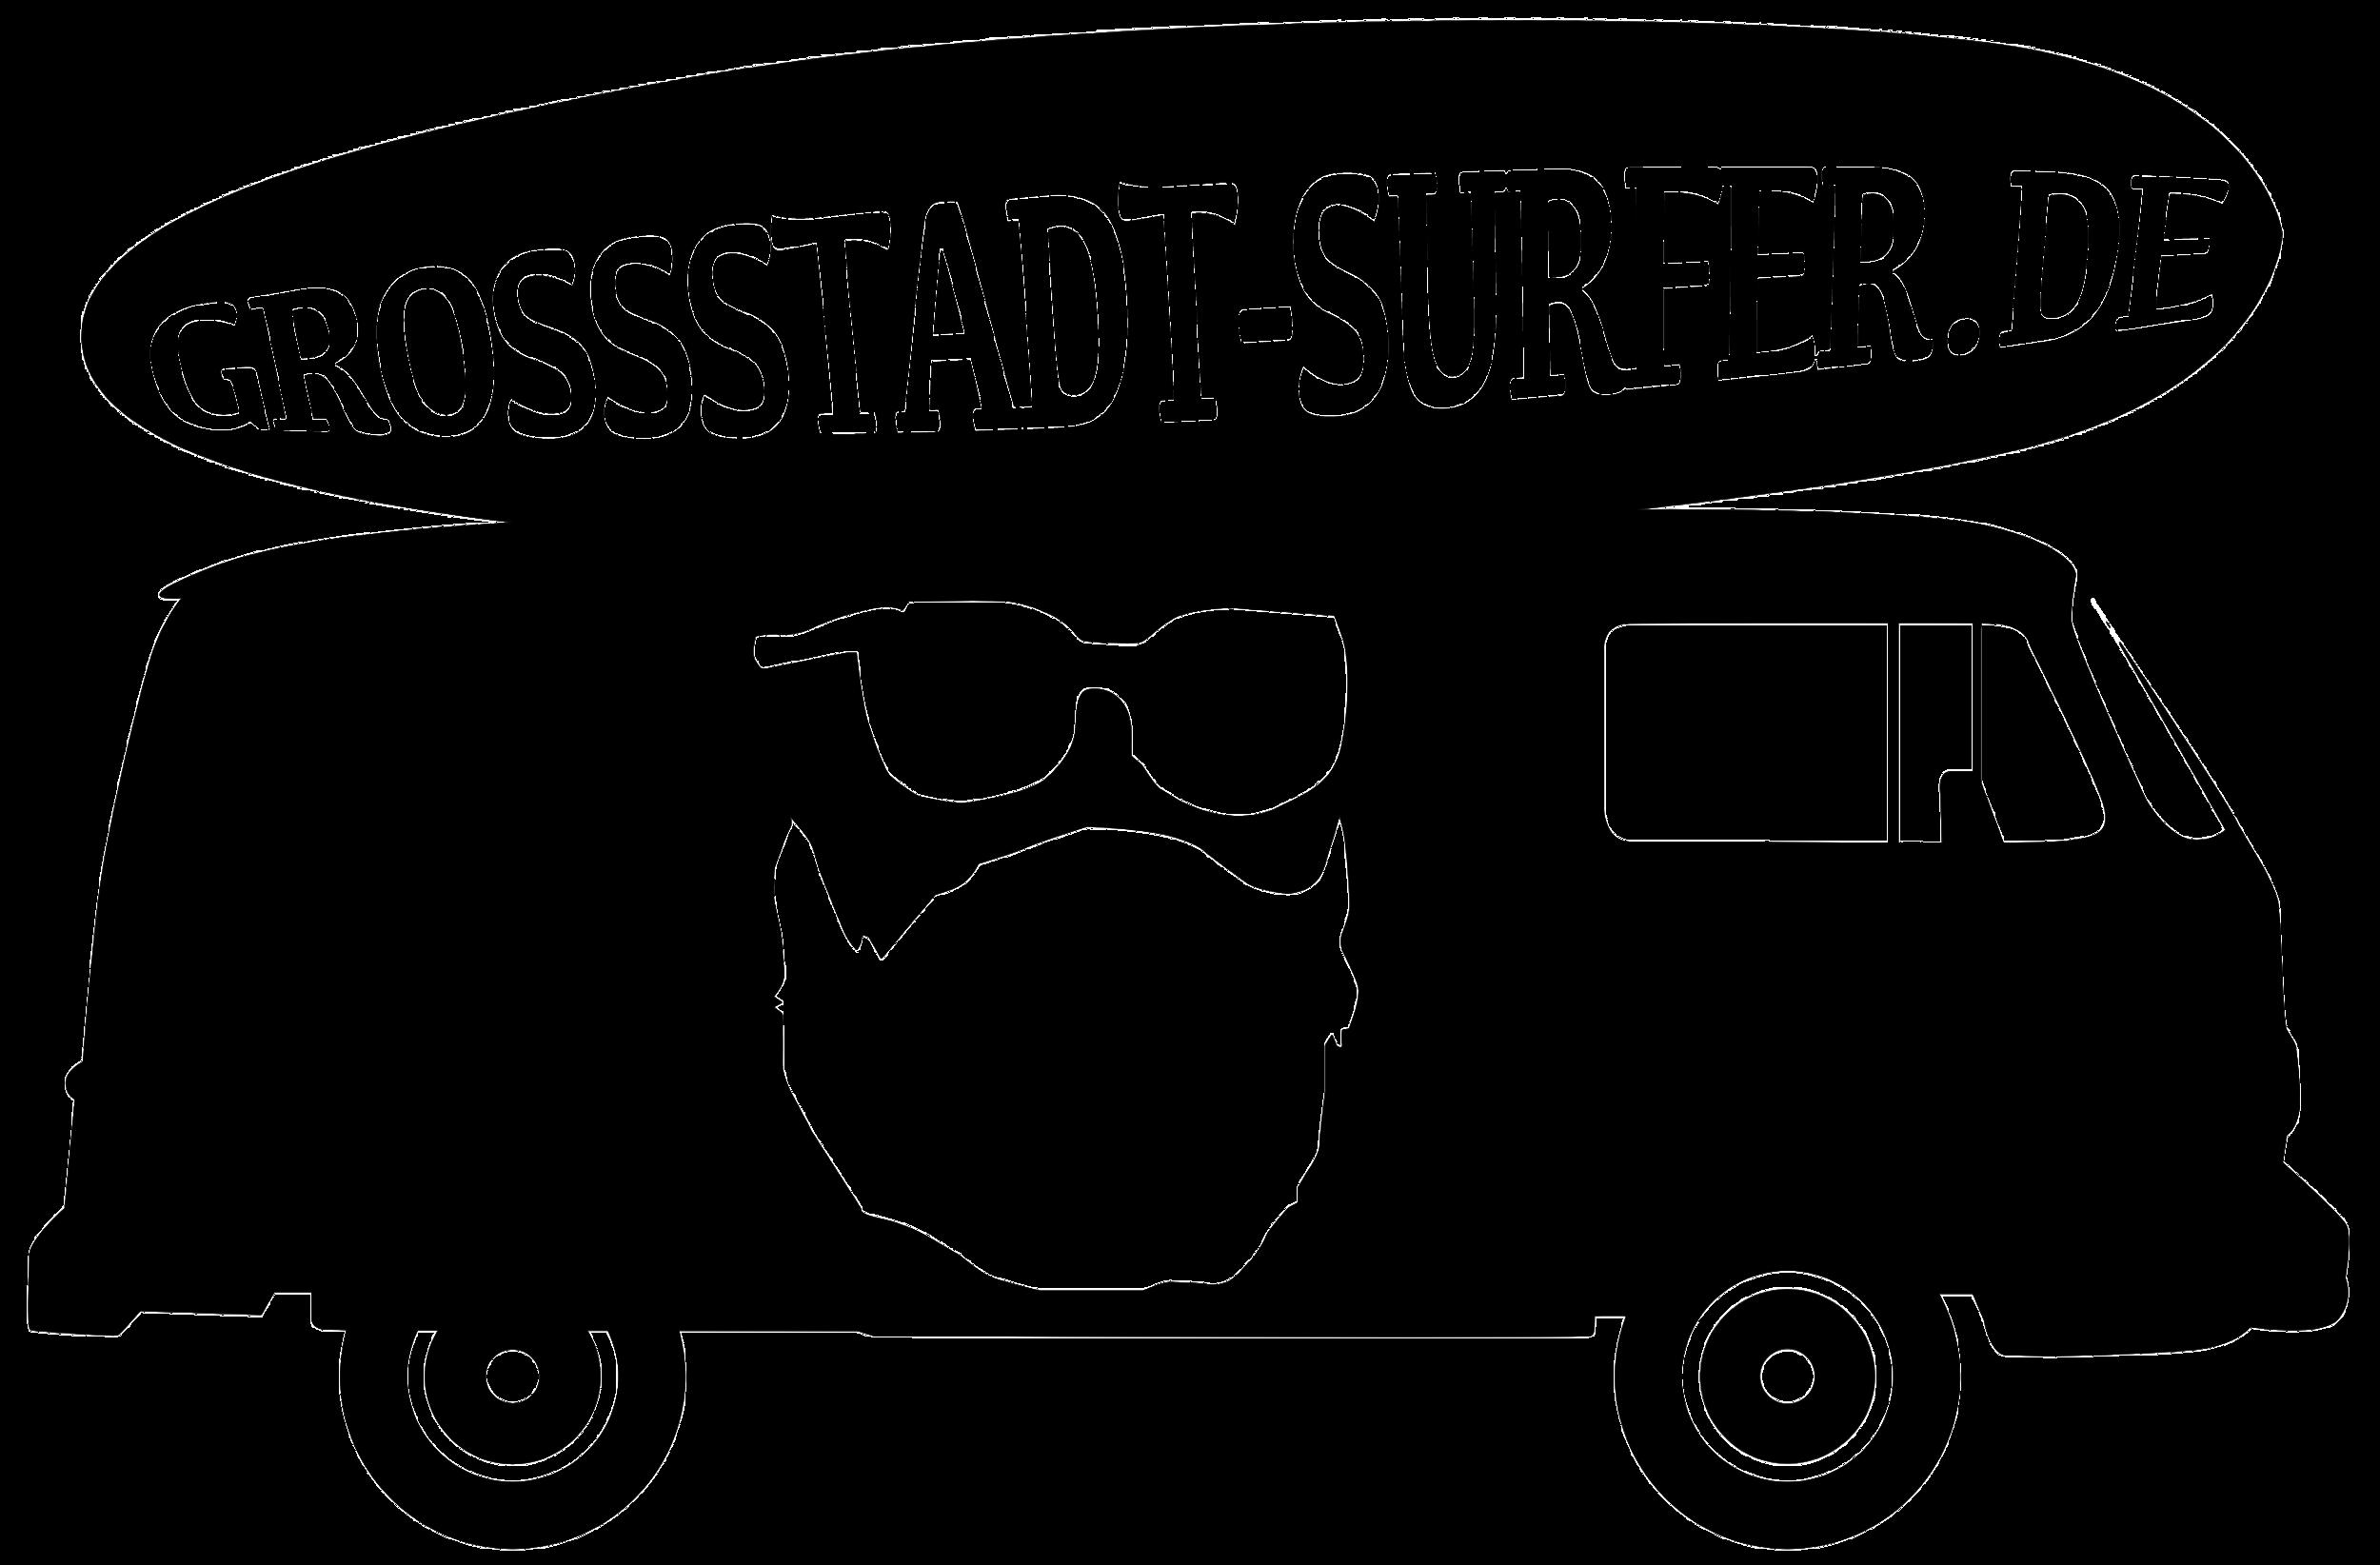 Grossstadt-Surfer.de Logo